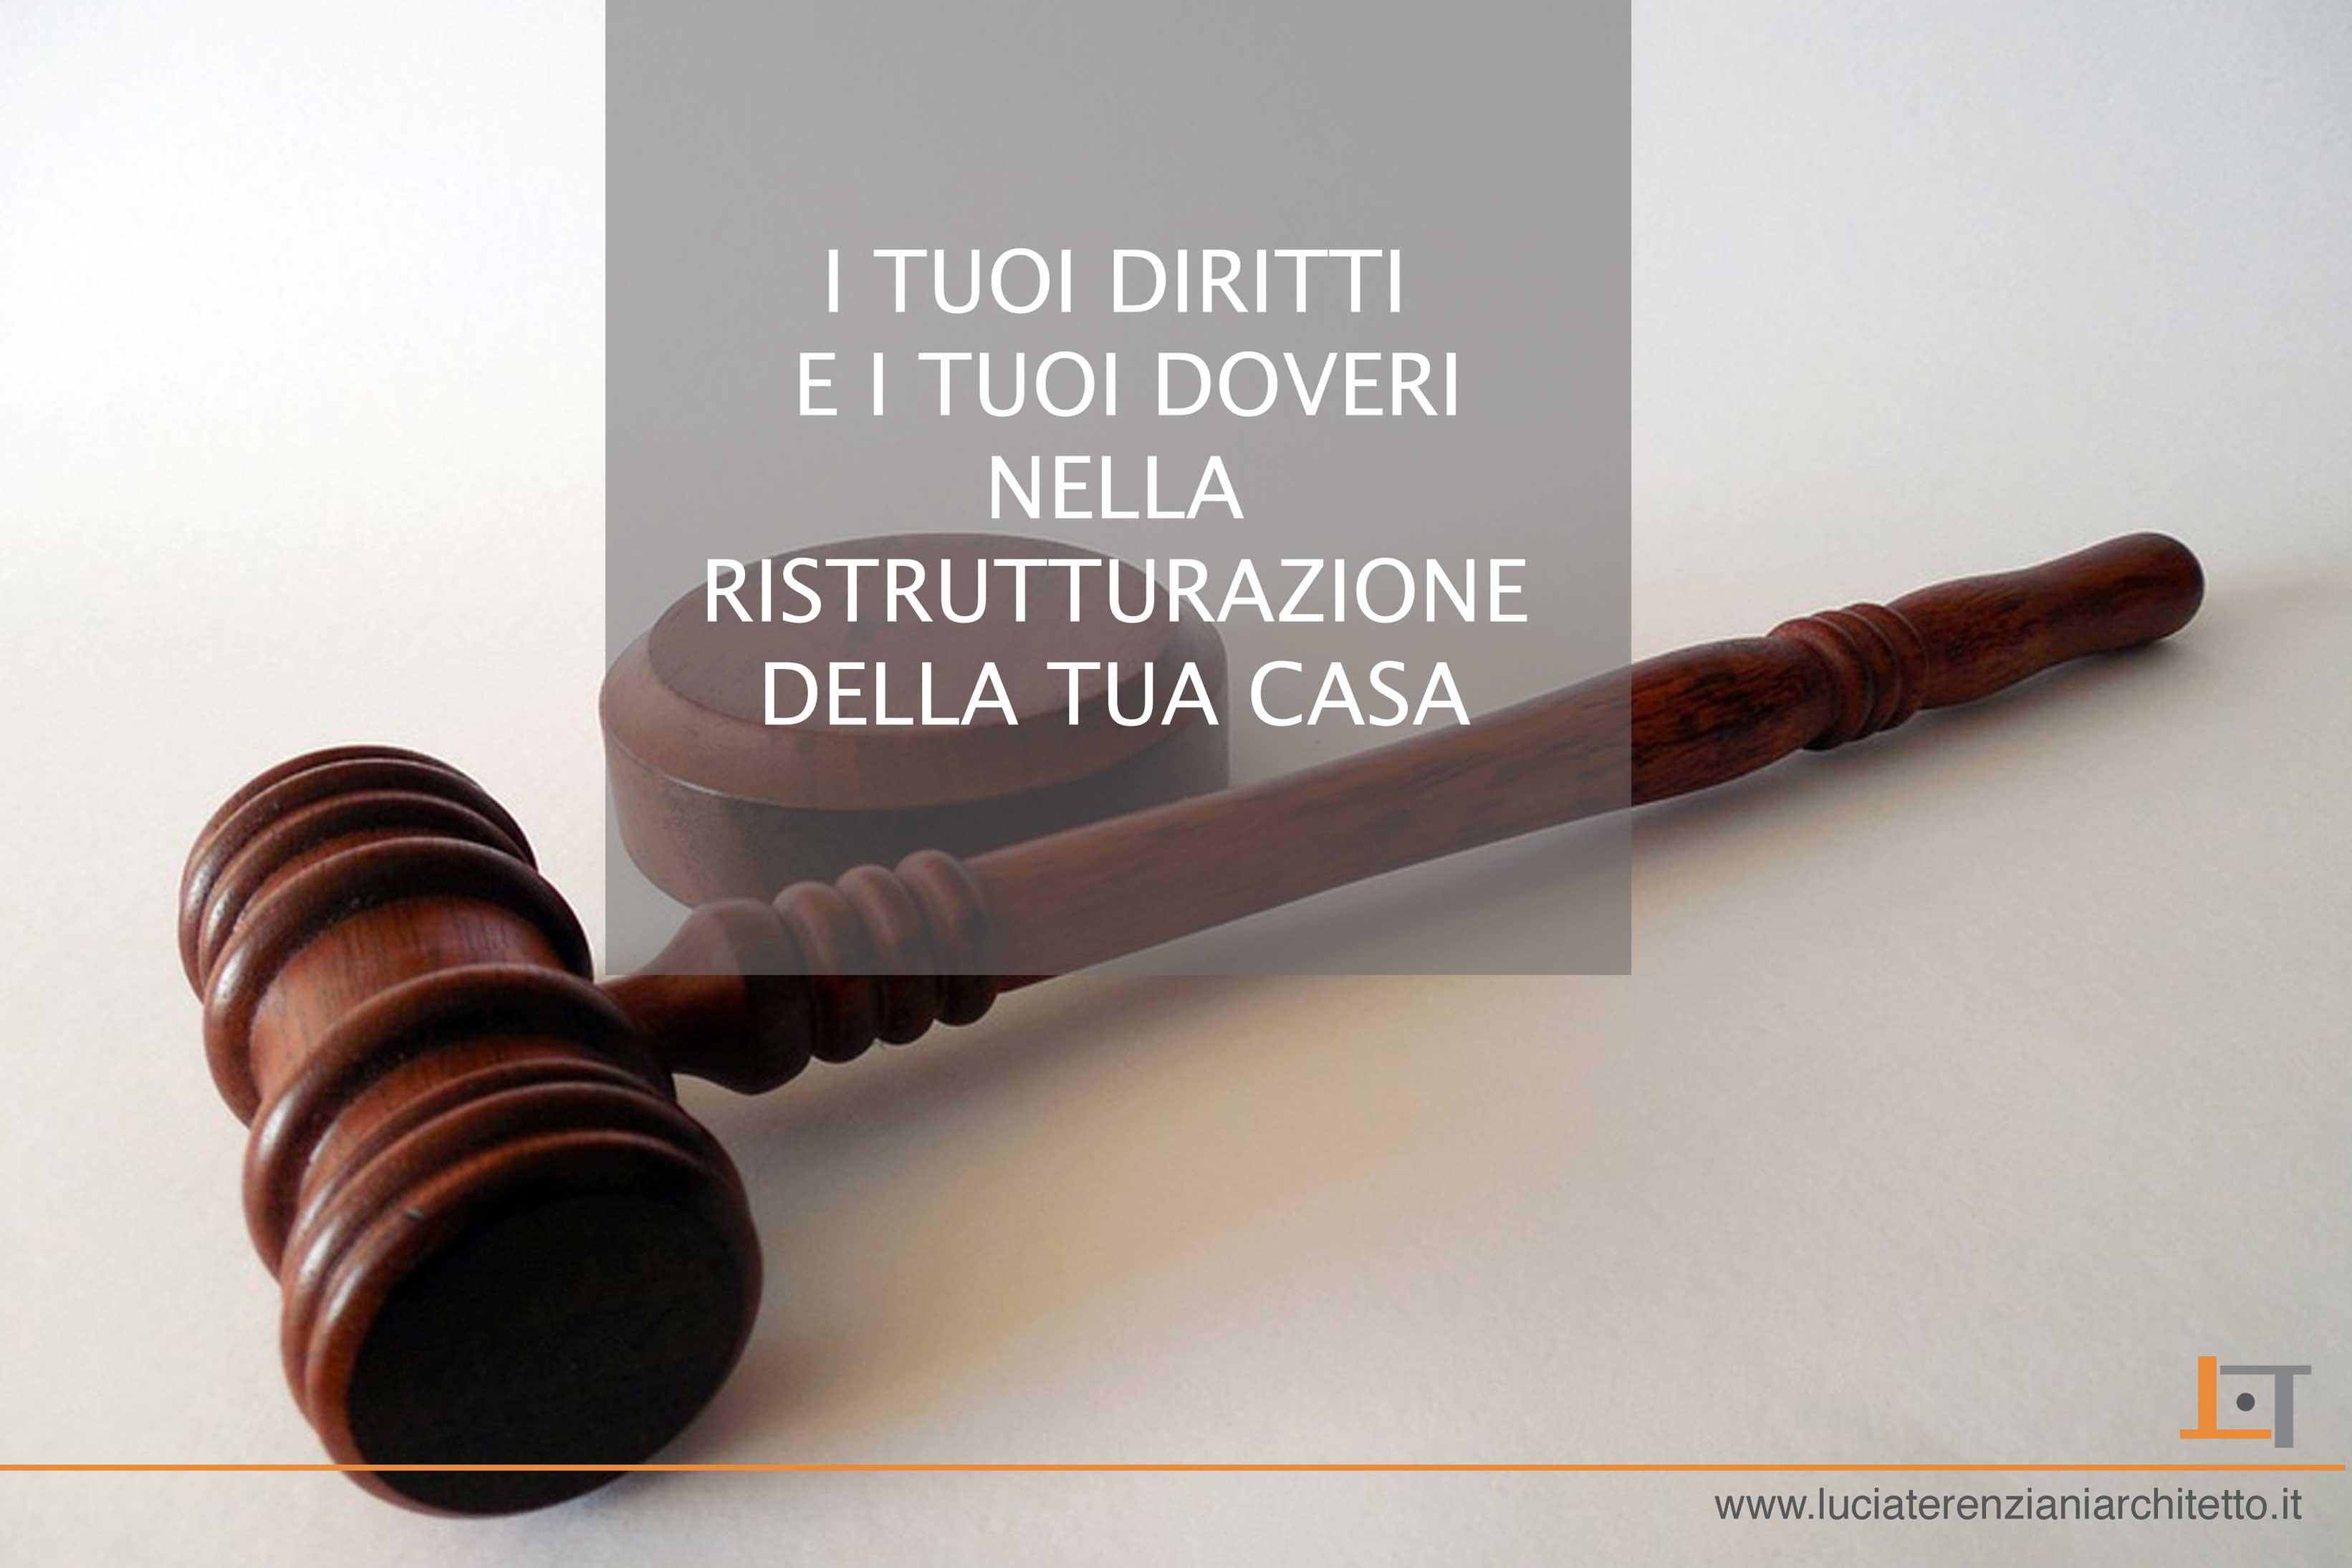 Ristrutturazione step 8 le regole del committente for Convivenza diritti e doveri